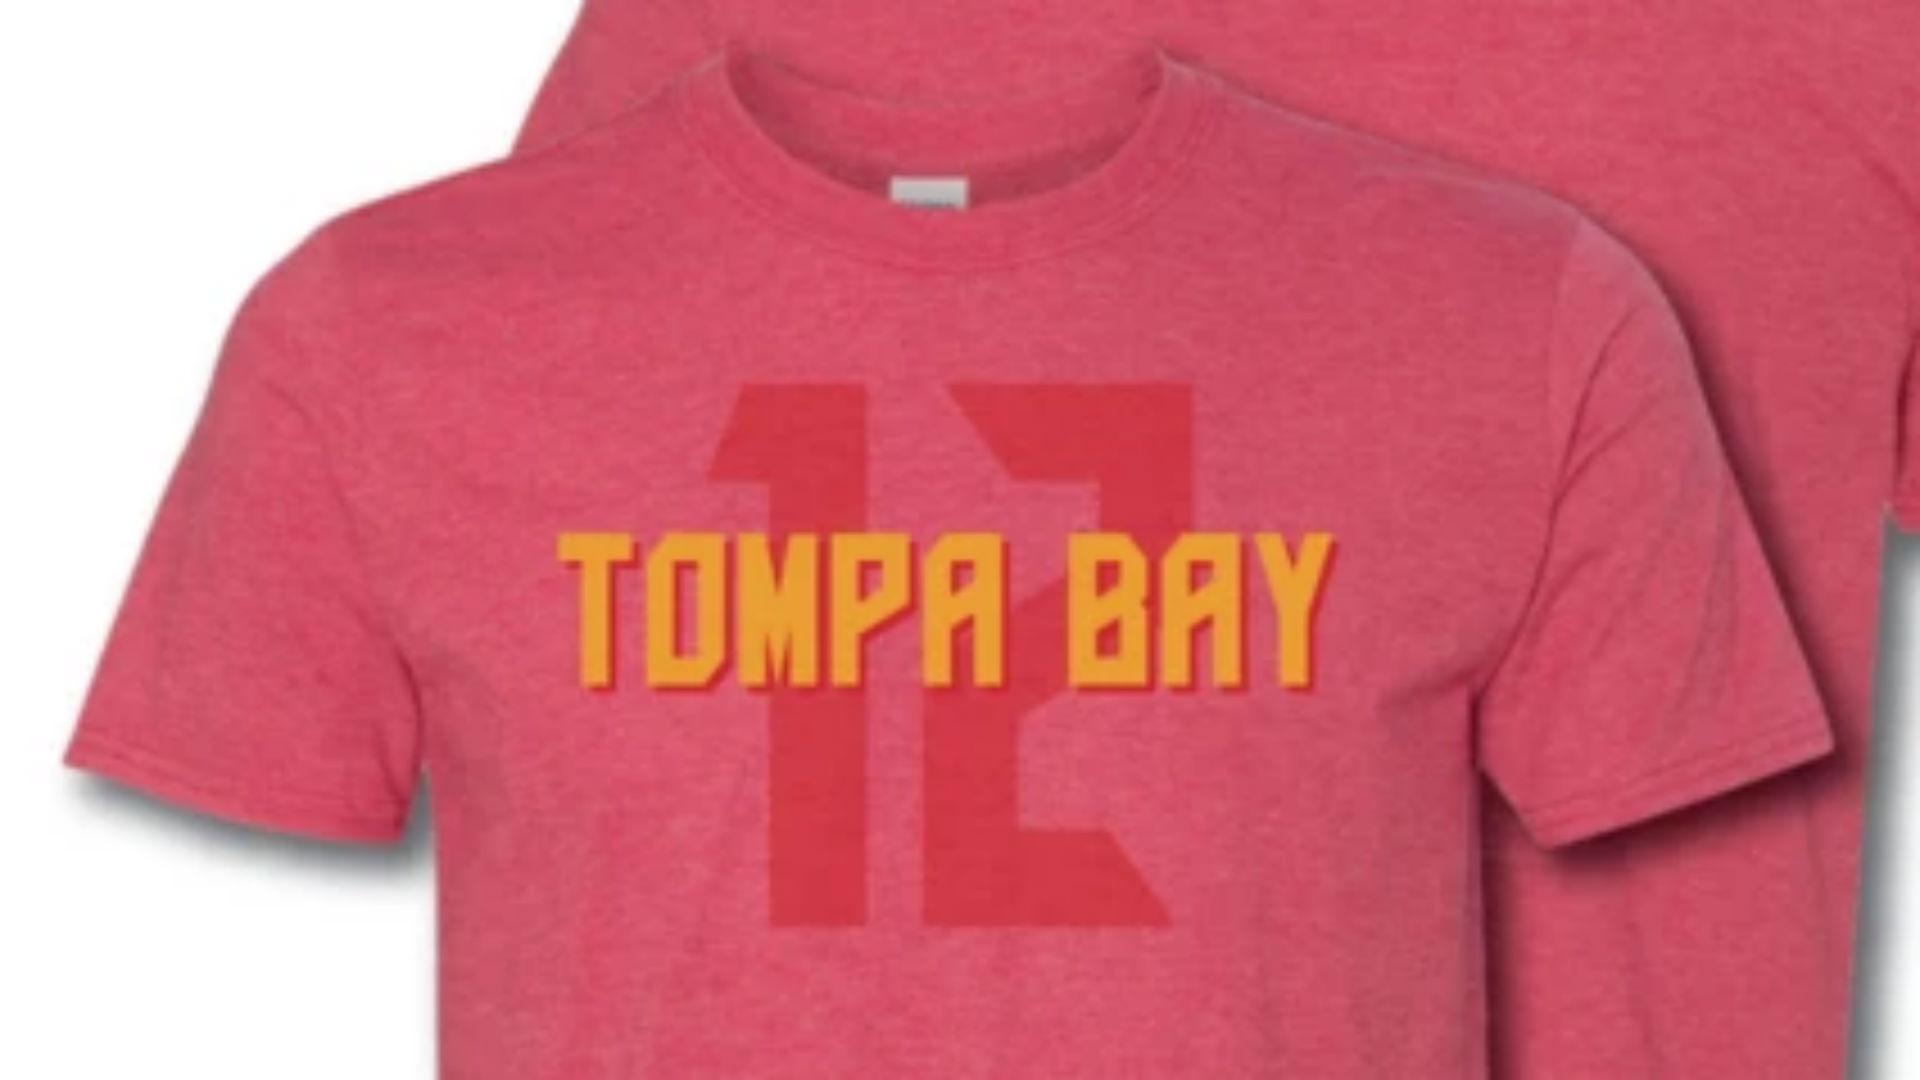 La marca 'Tompa Bay' de Tom Brady abre las compuertas para bromas en Twitter 22